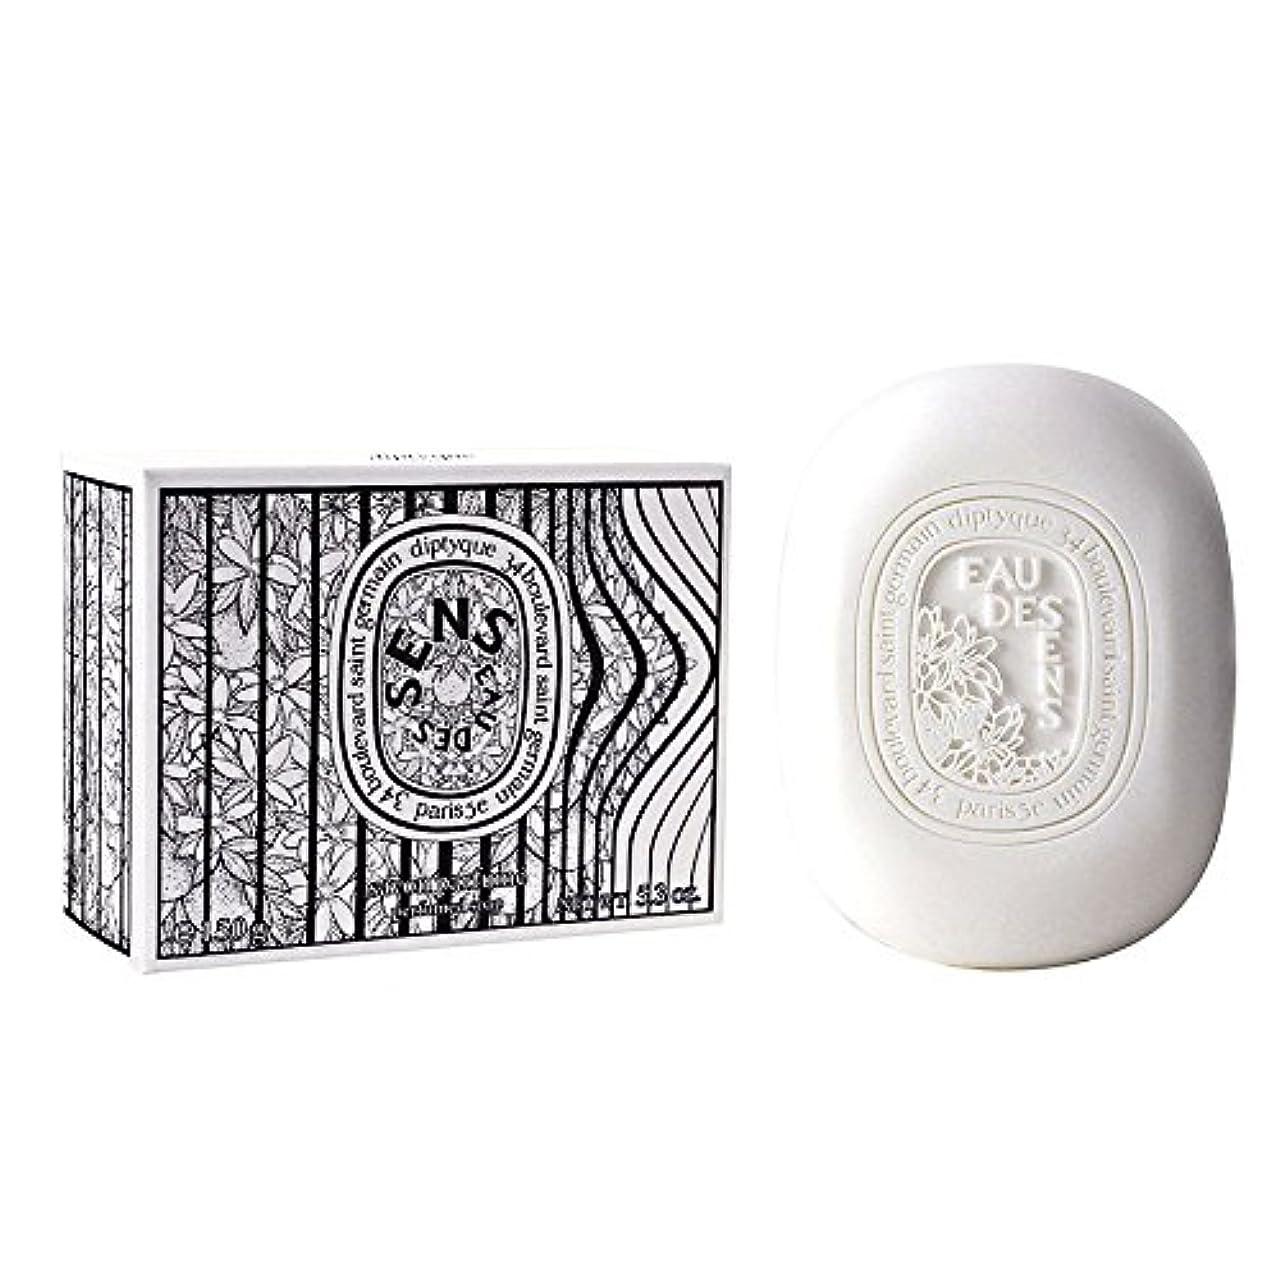 にじみ出る危険なティッシュDiptyque Eau Des Sens (ディプティック オー デ センス) 150g Soap (石けん) for Women